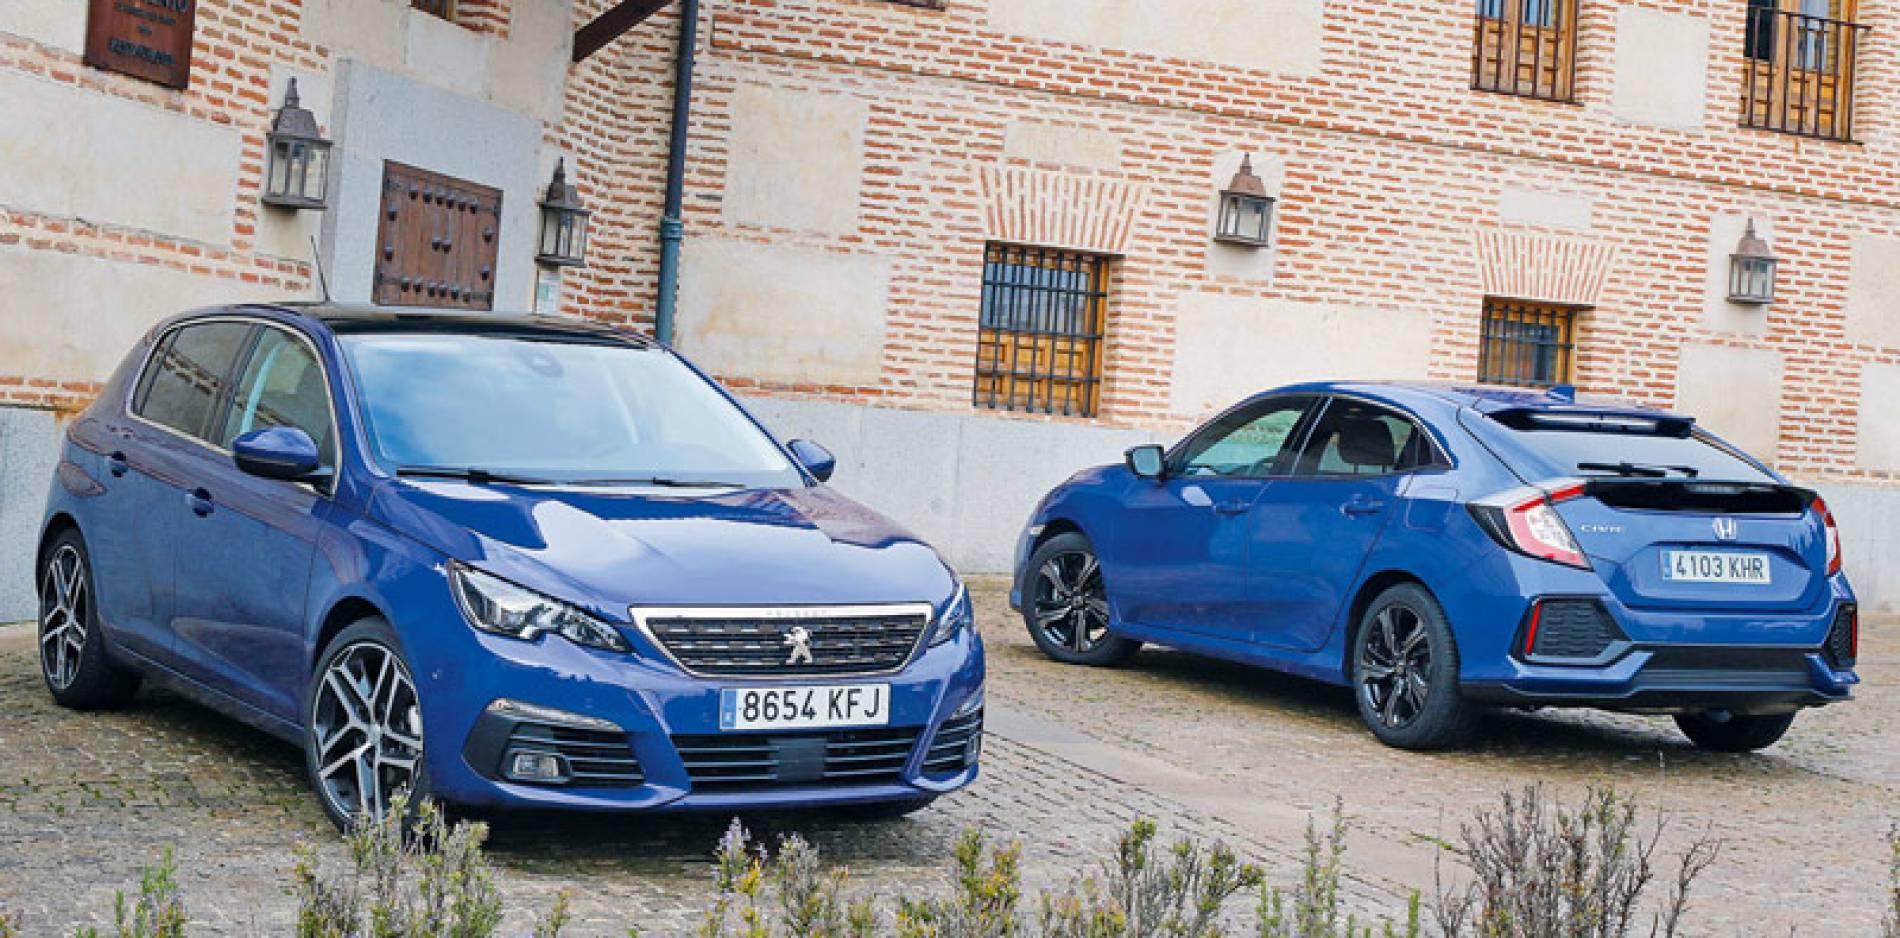 Comparamos el Peugeot 308 y el Honda Civic, evolución de la especie